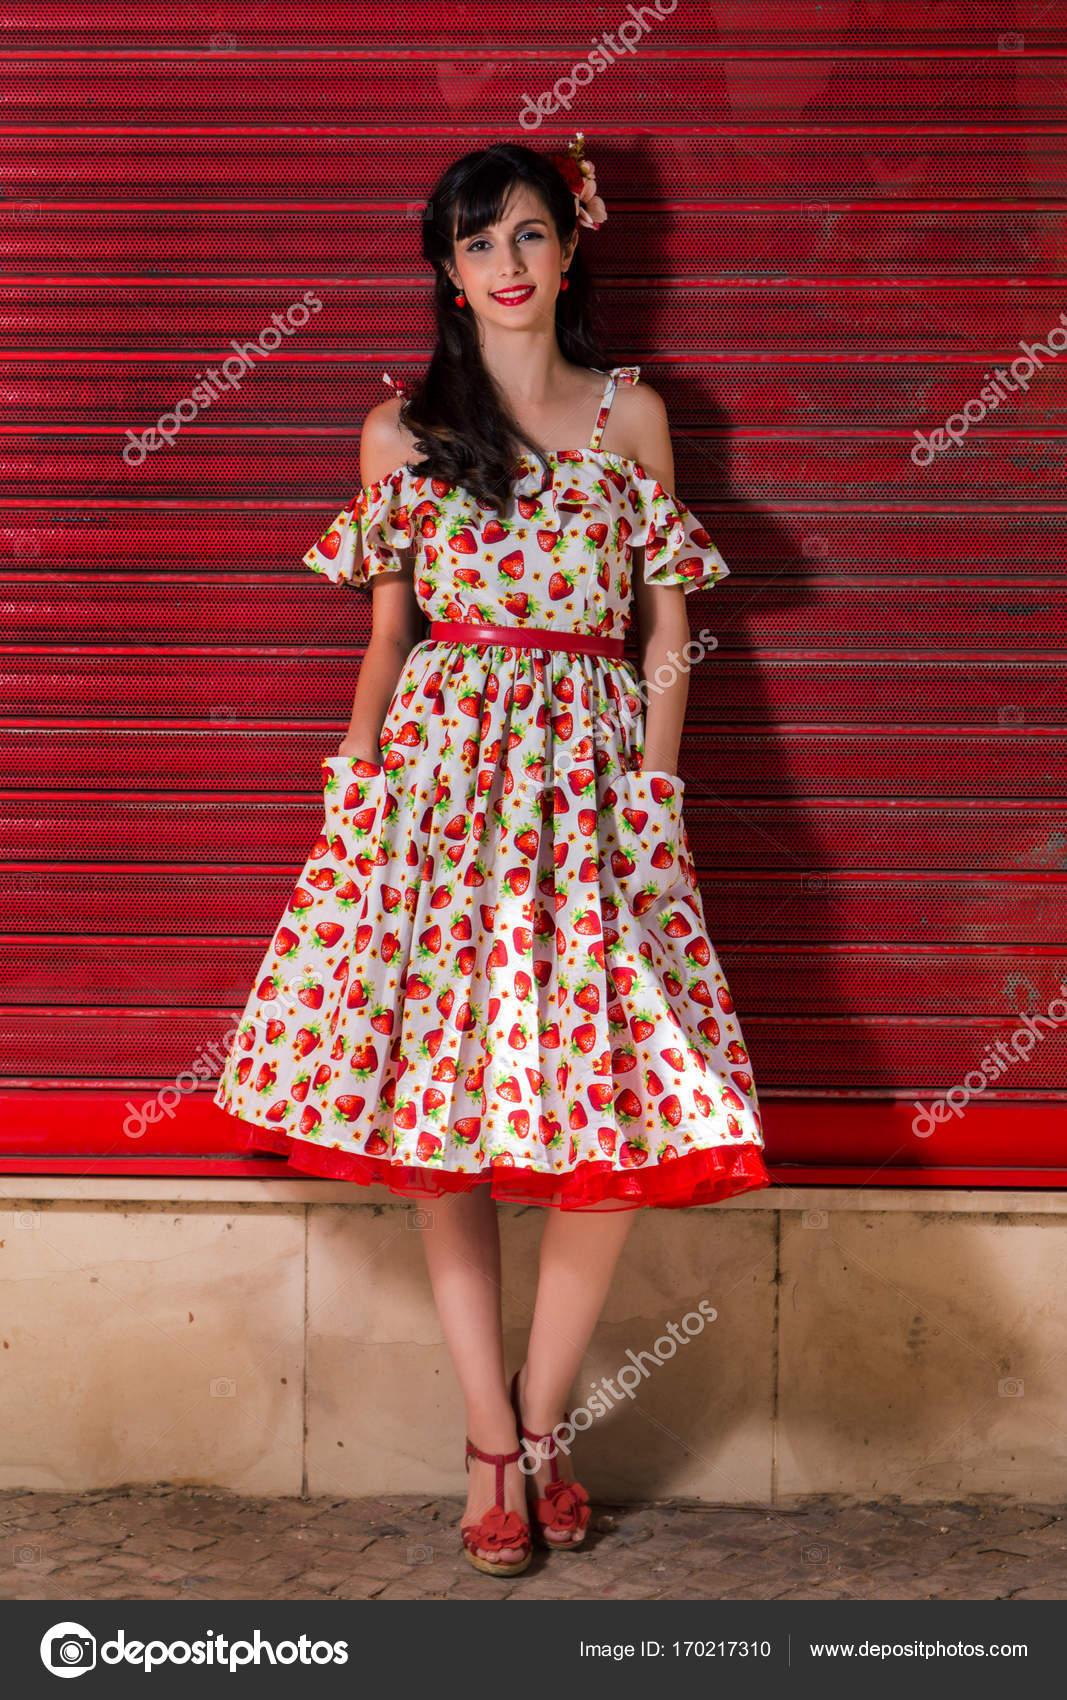 Девушка в винтажном стиле